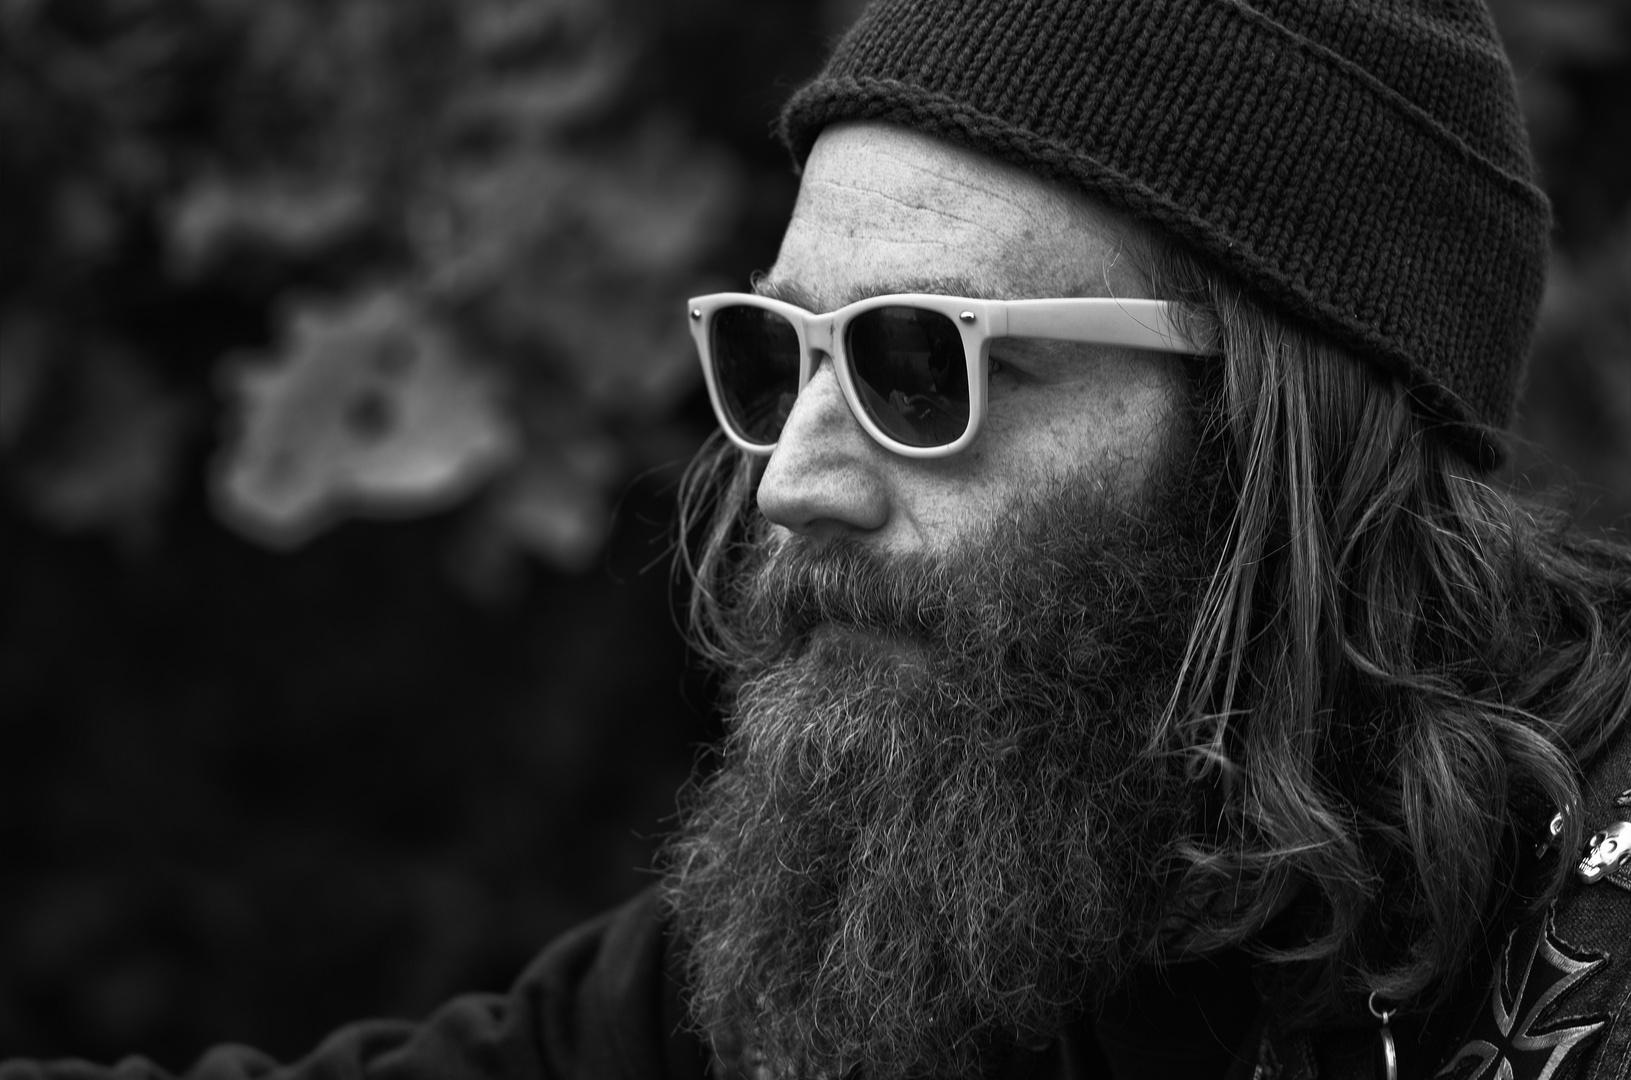 Ob der Bart bis Weihnachten noch weiß wird?